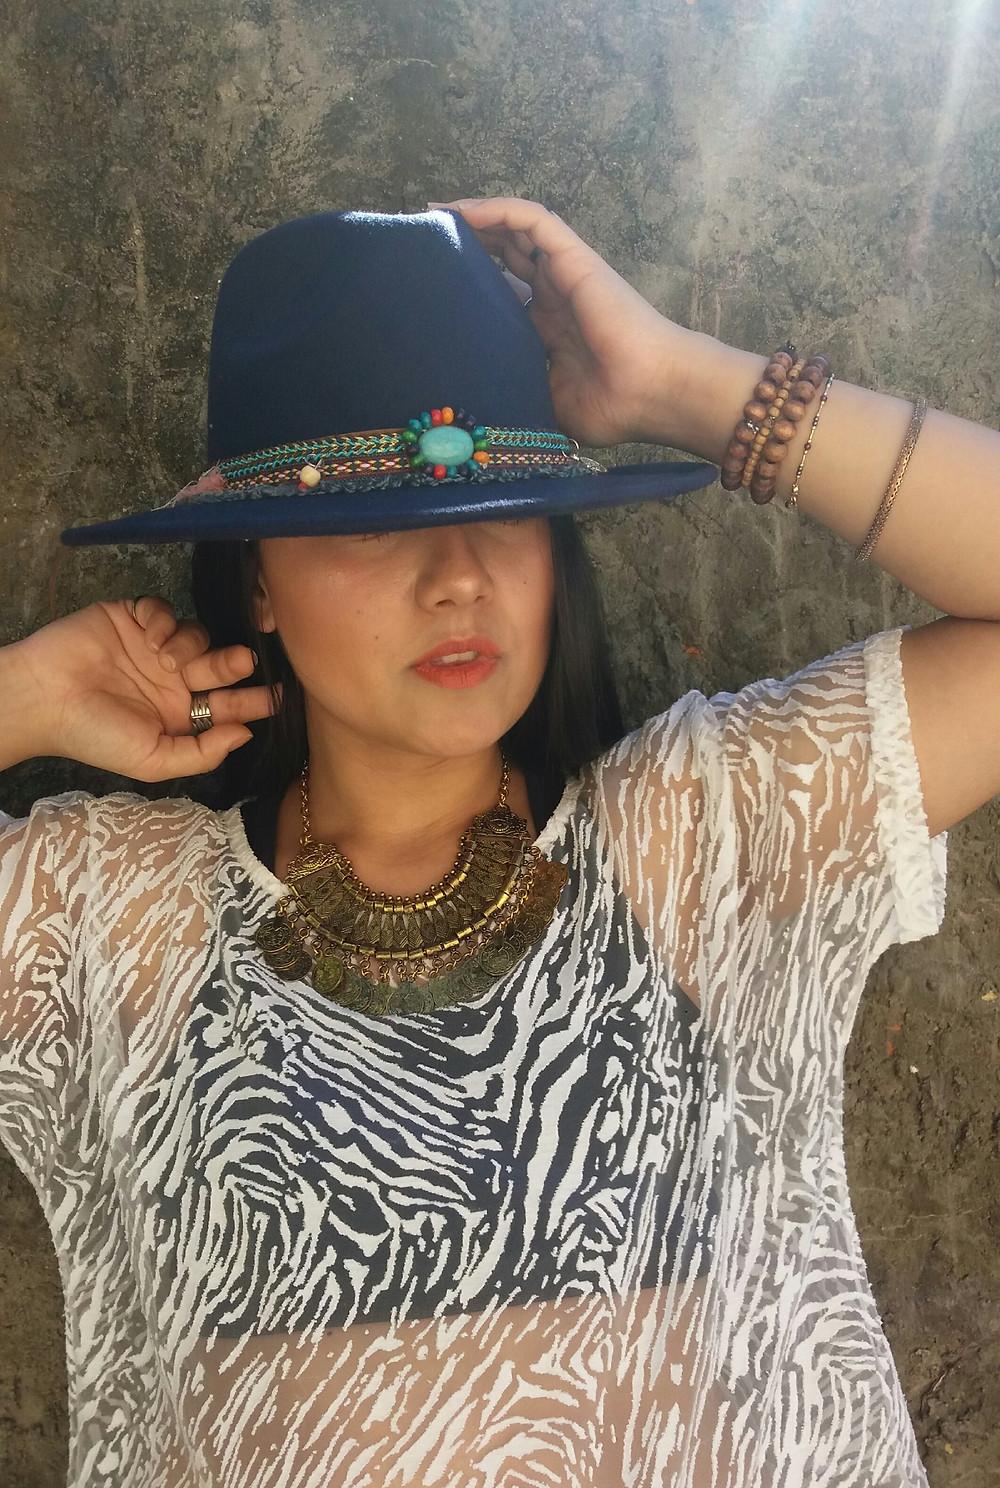 Além de ser muito estiloso, o chapéu levanta qualquer produção - Imagem: Divulgação